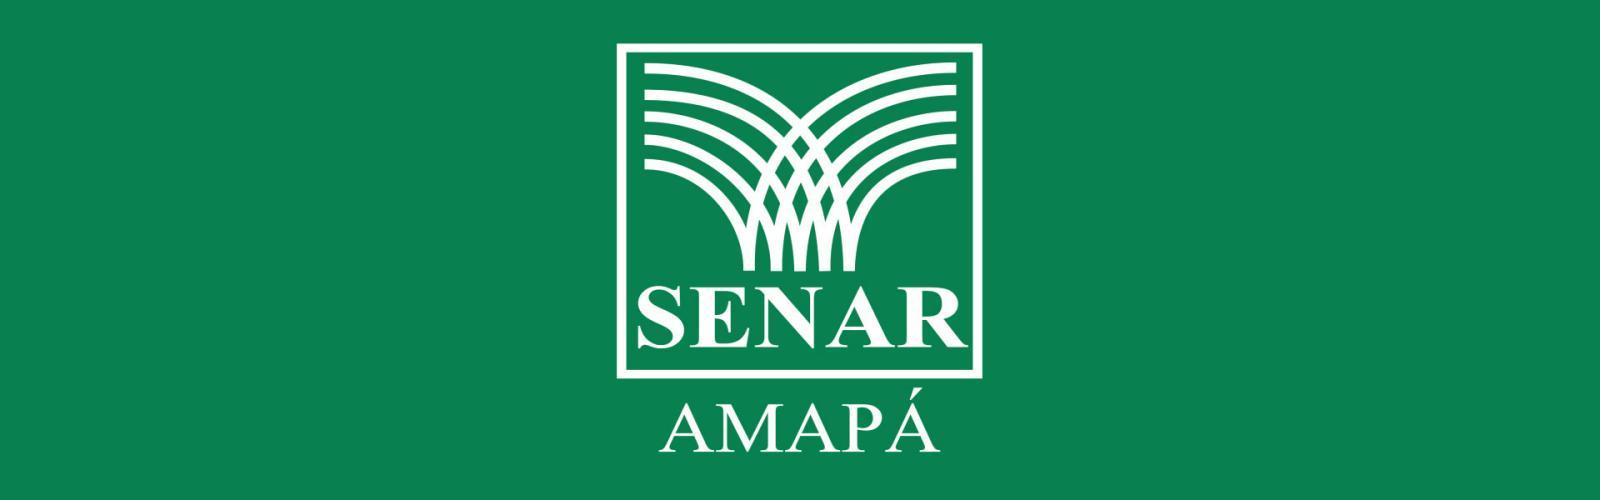 SENAR-AP convoca pedagogos aprovados no processo seletivo da instituição